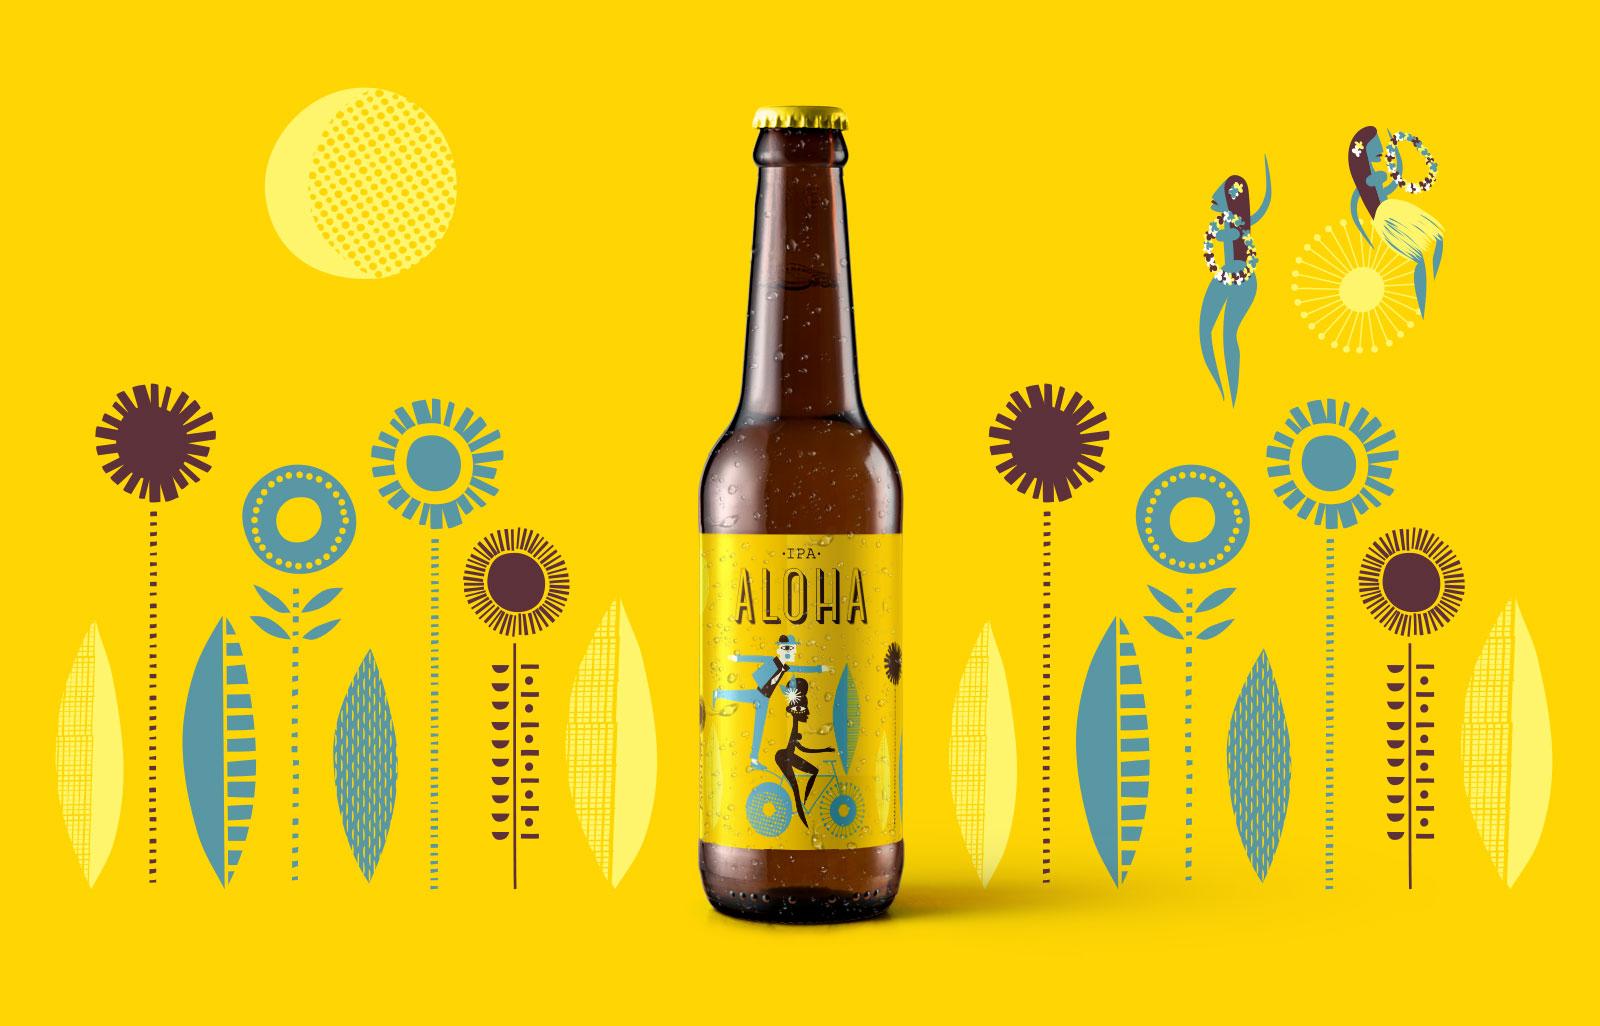 polkadot design - Aloha3.jpg